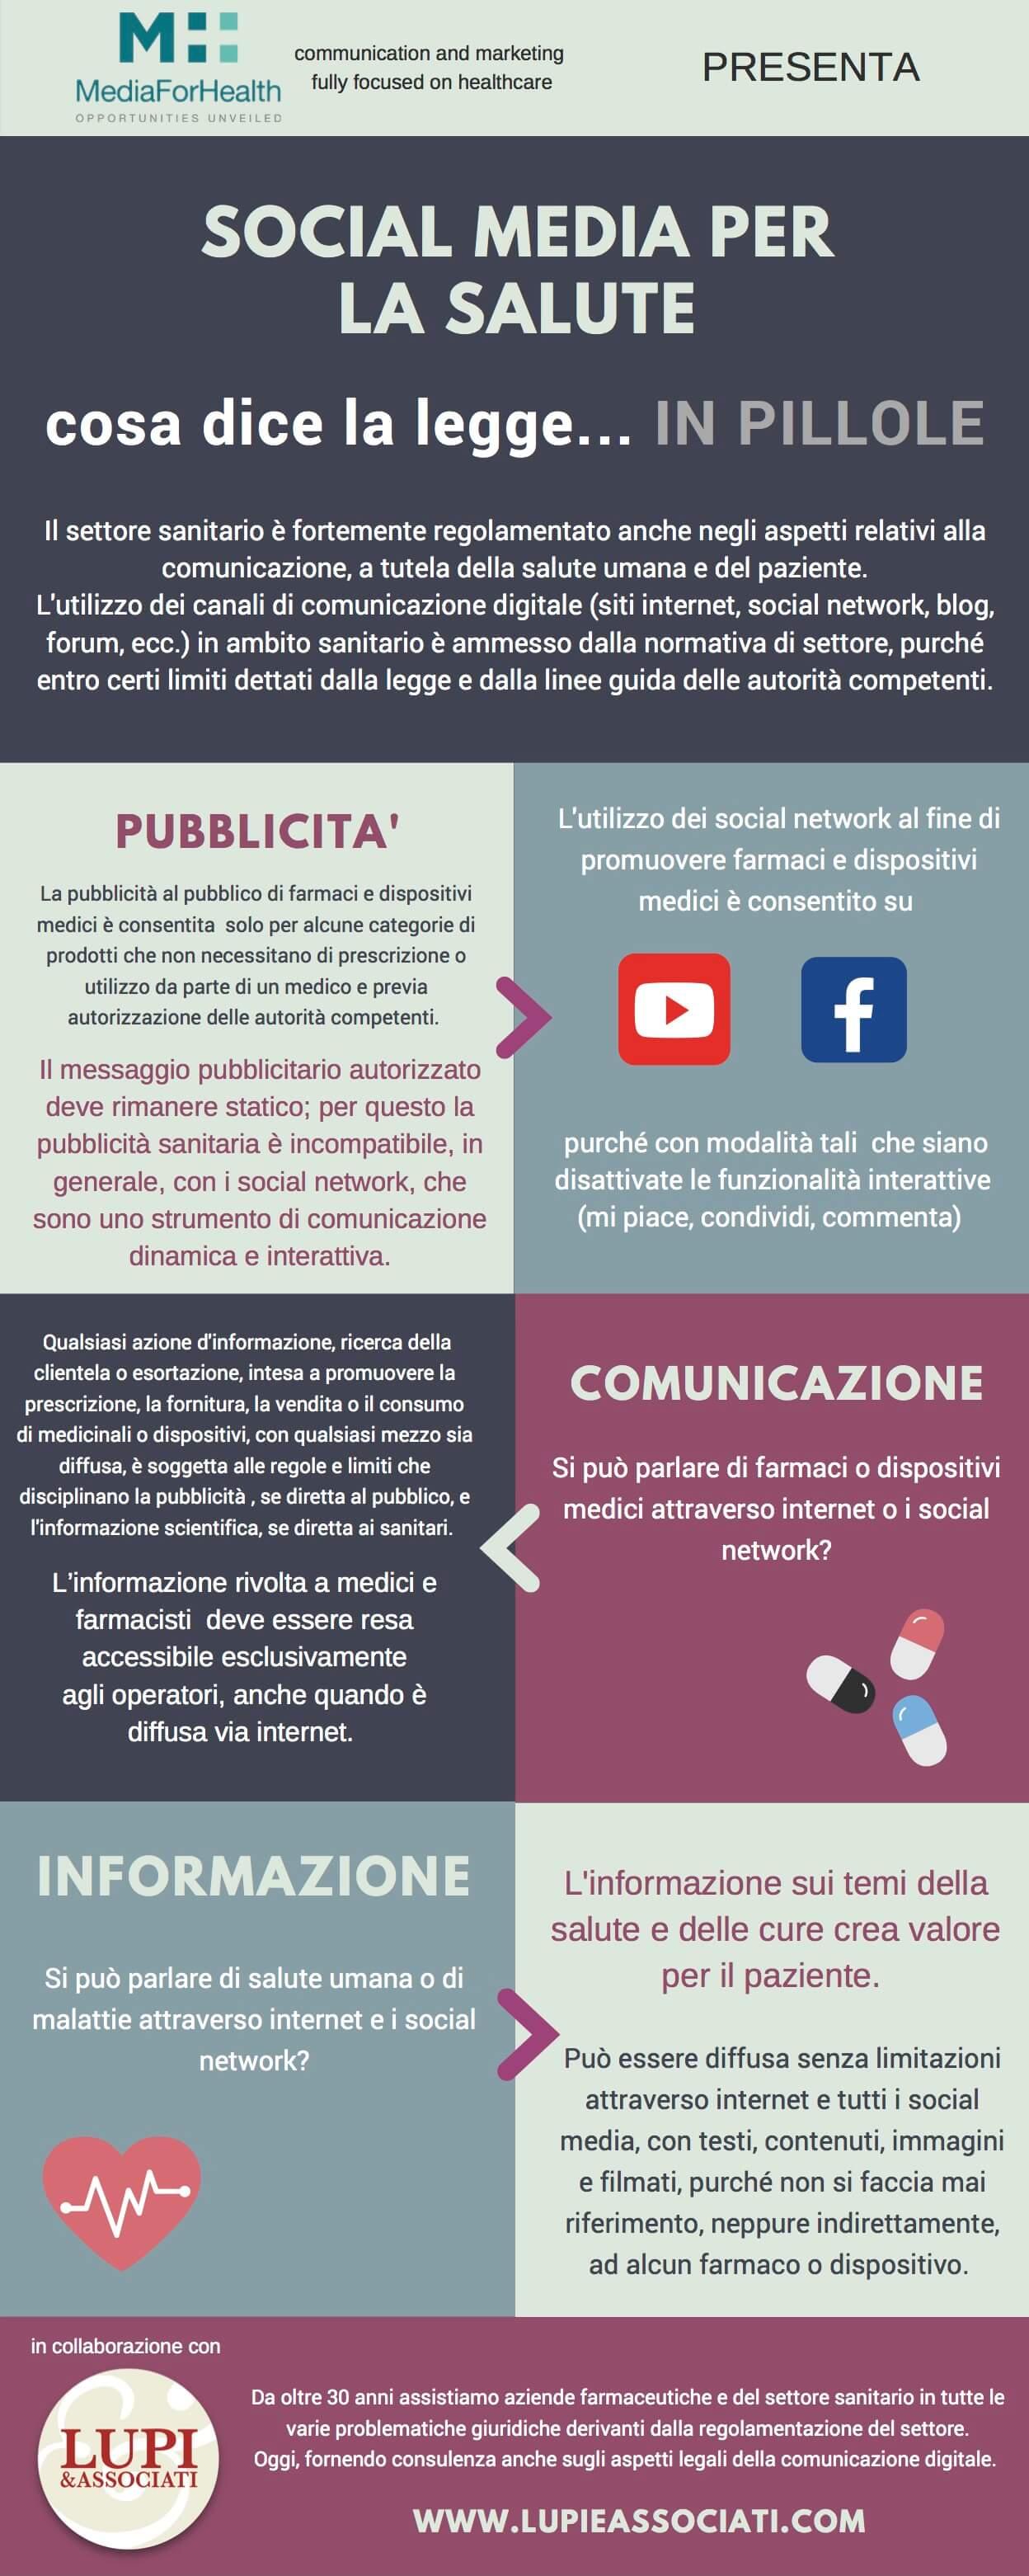 infografica social media per la salute media for health Studio Lupi